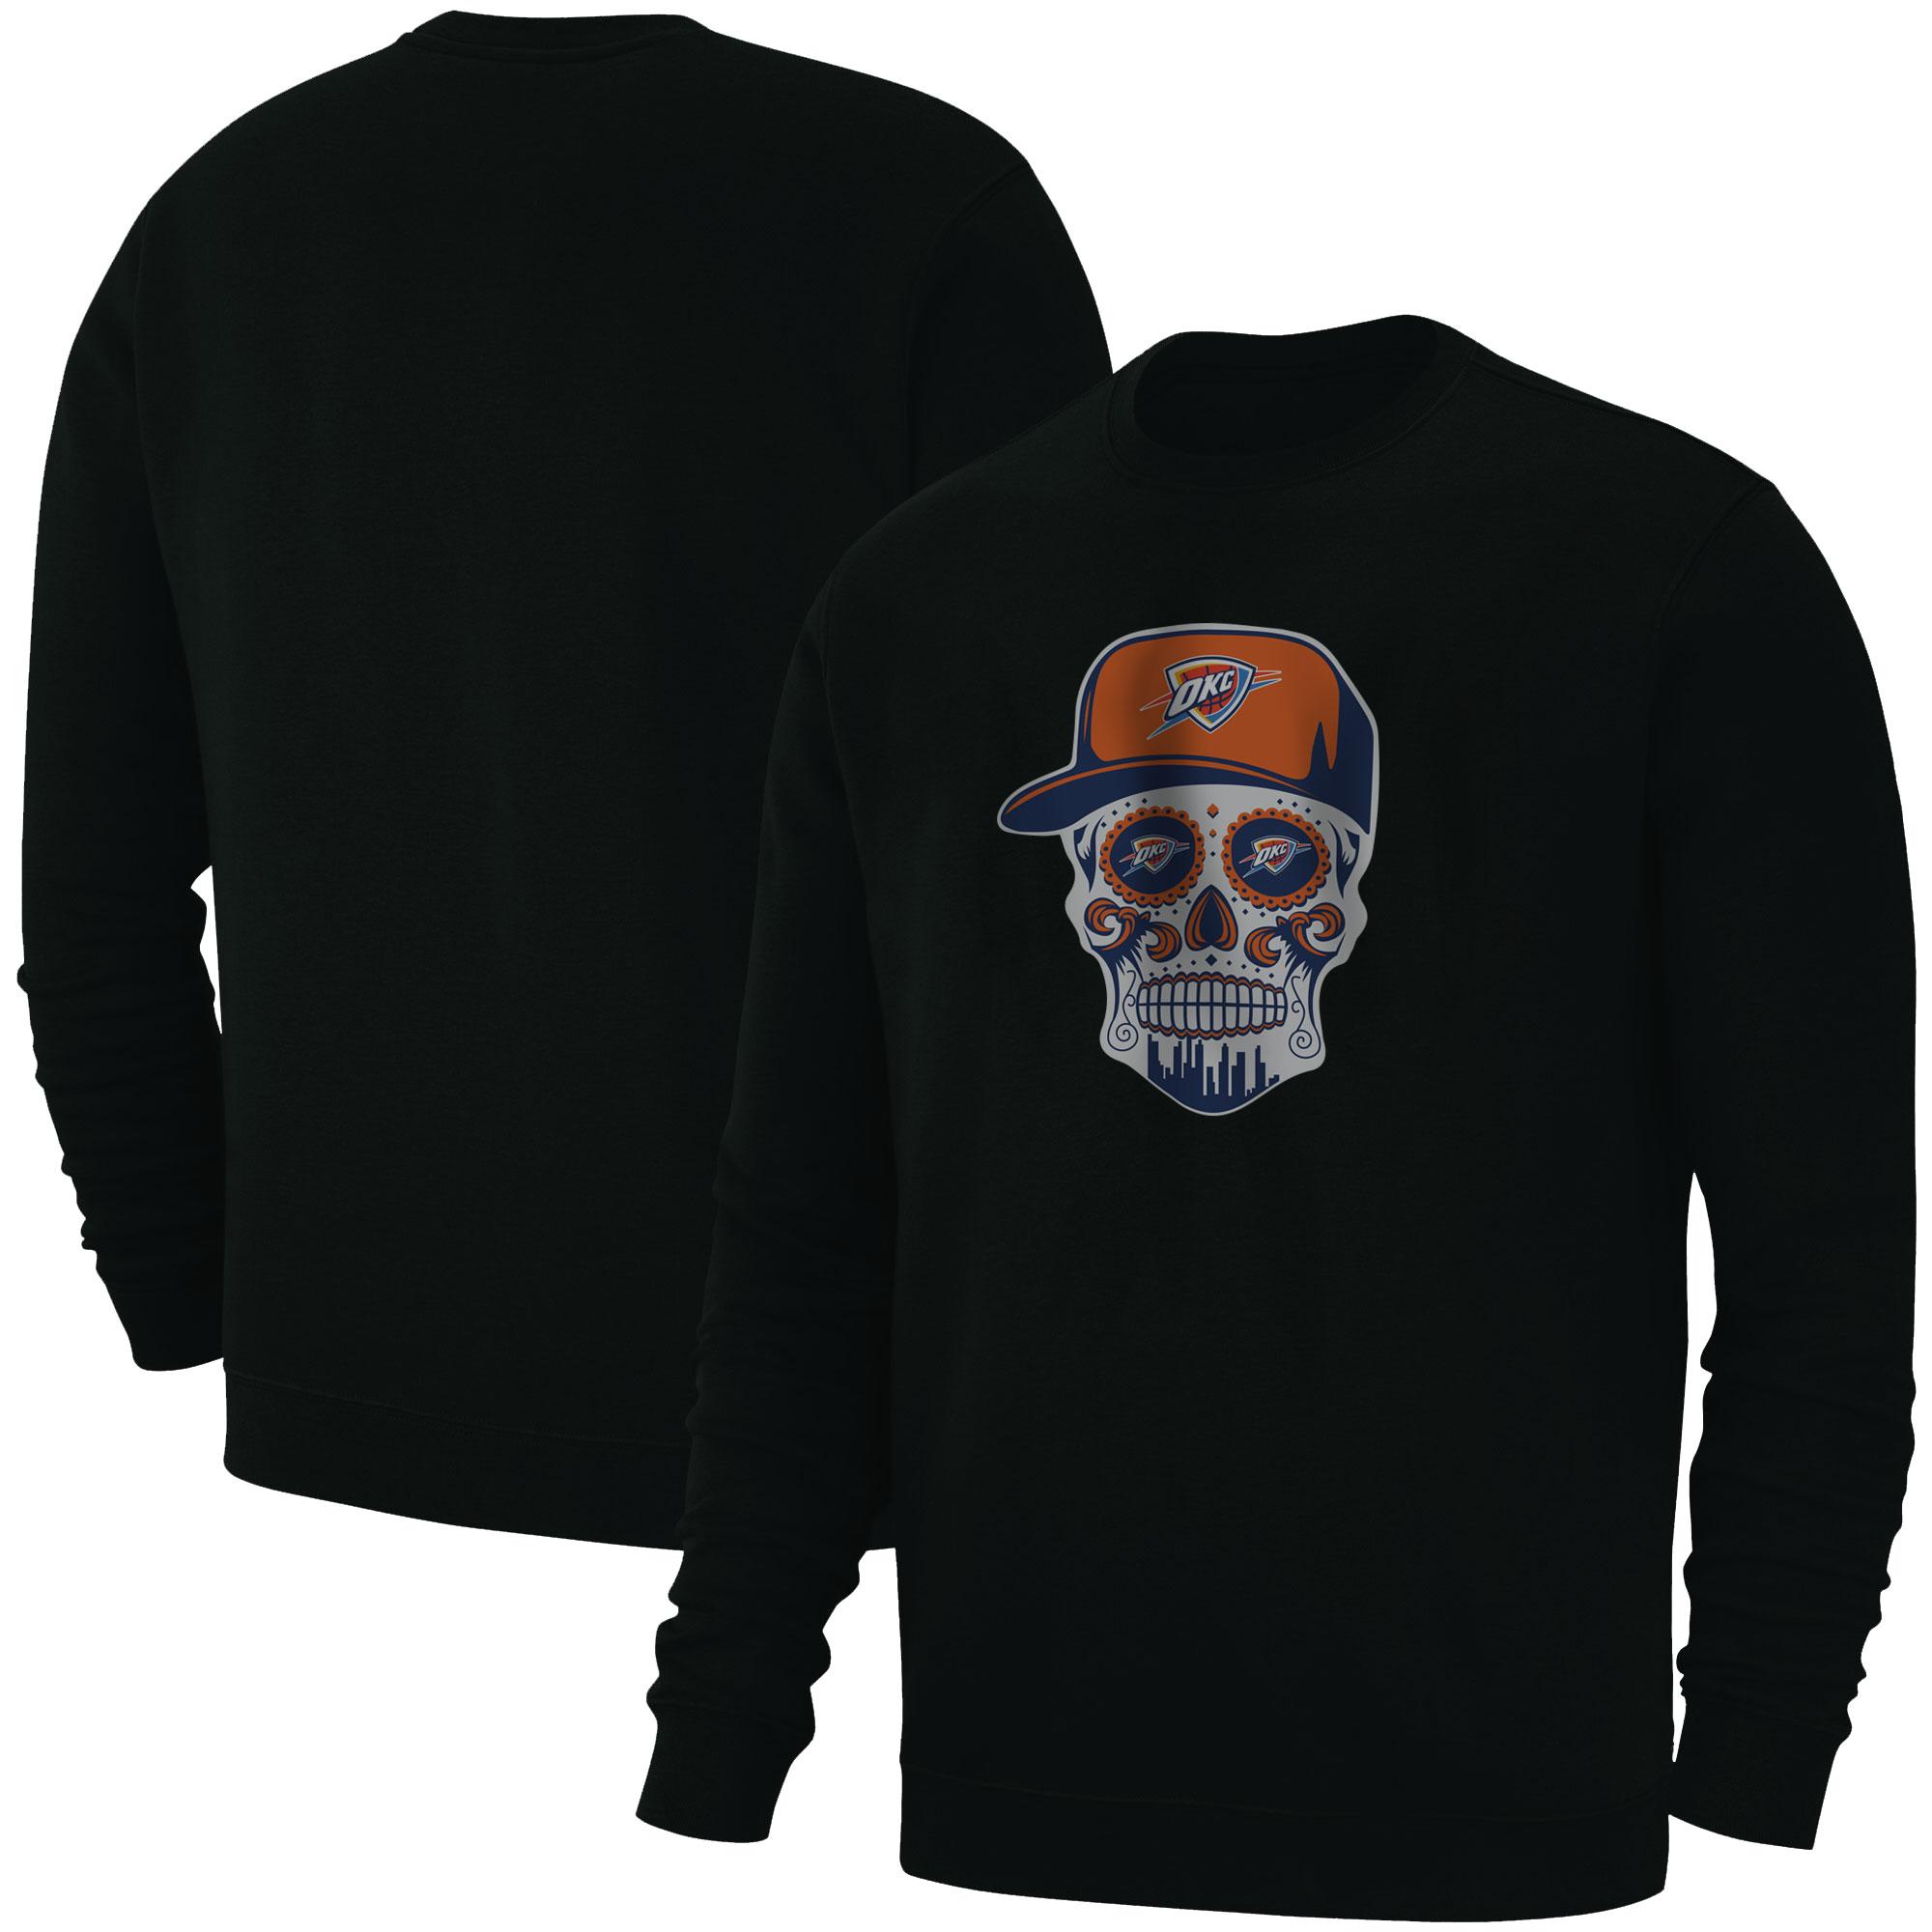 Thunder Skull  Basic (BSC-BLC-NP-459-NBA-OKC-SKULL)